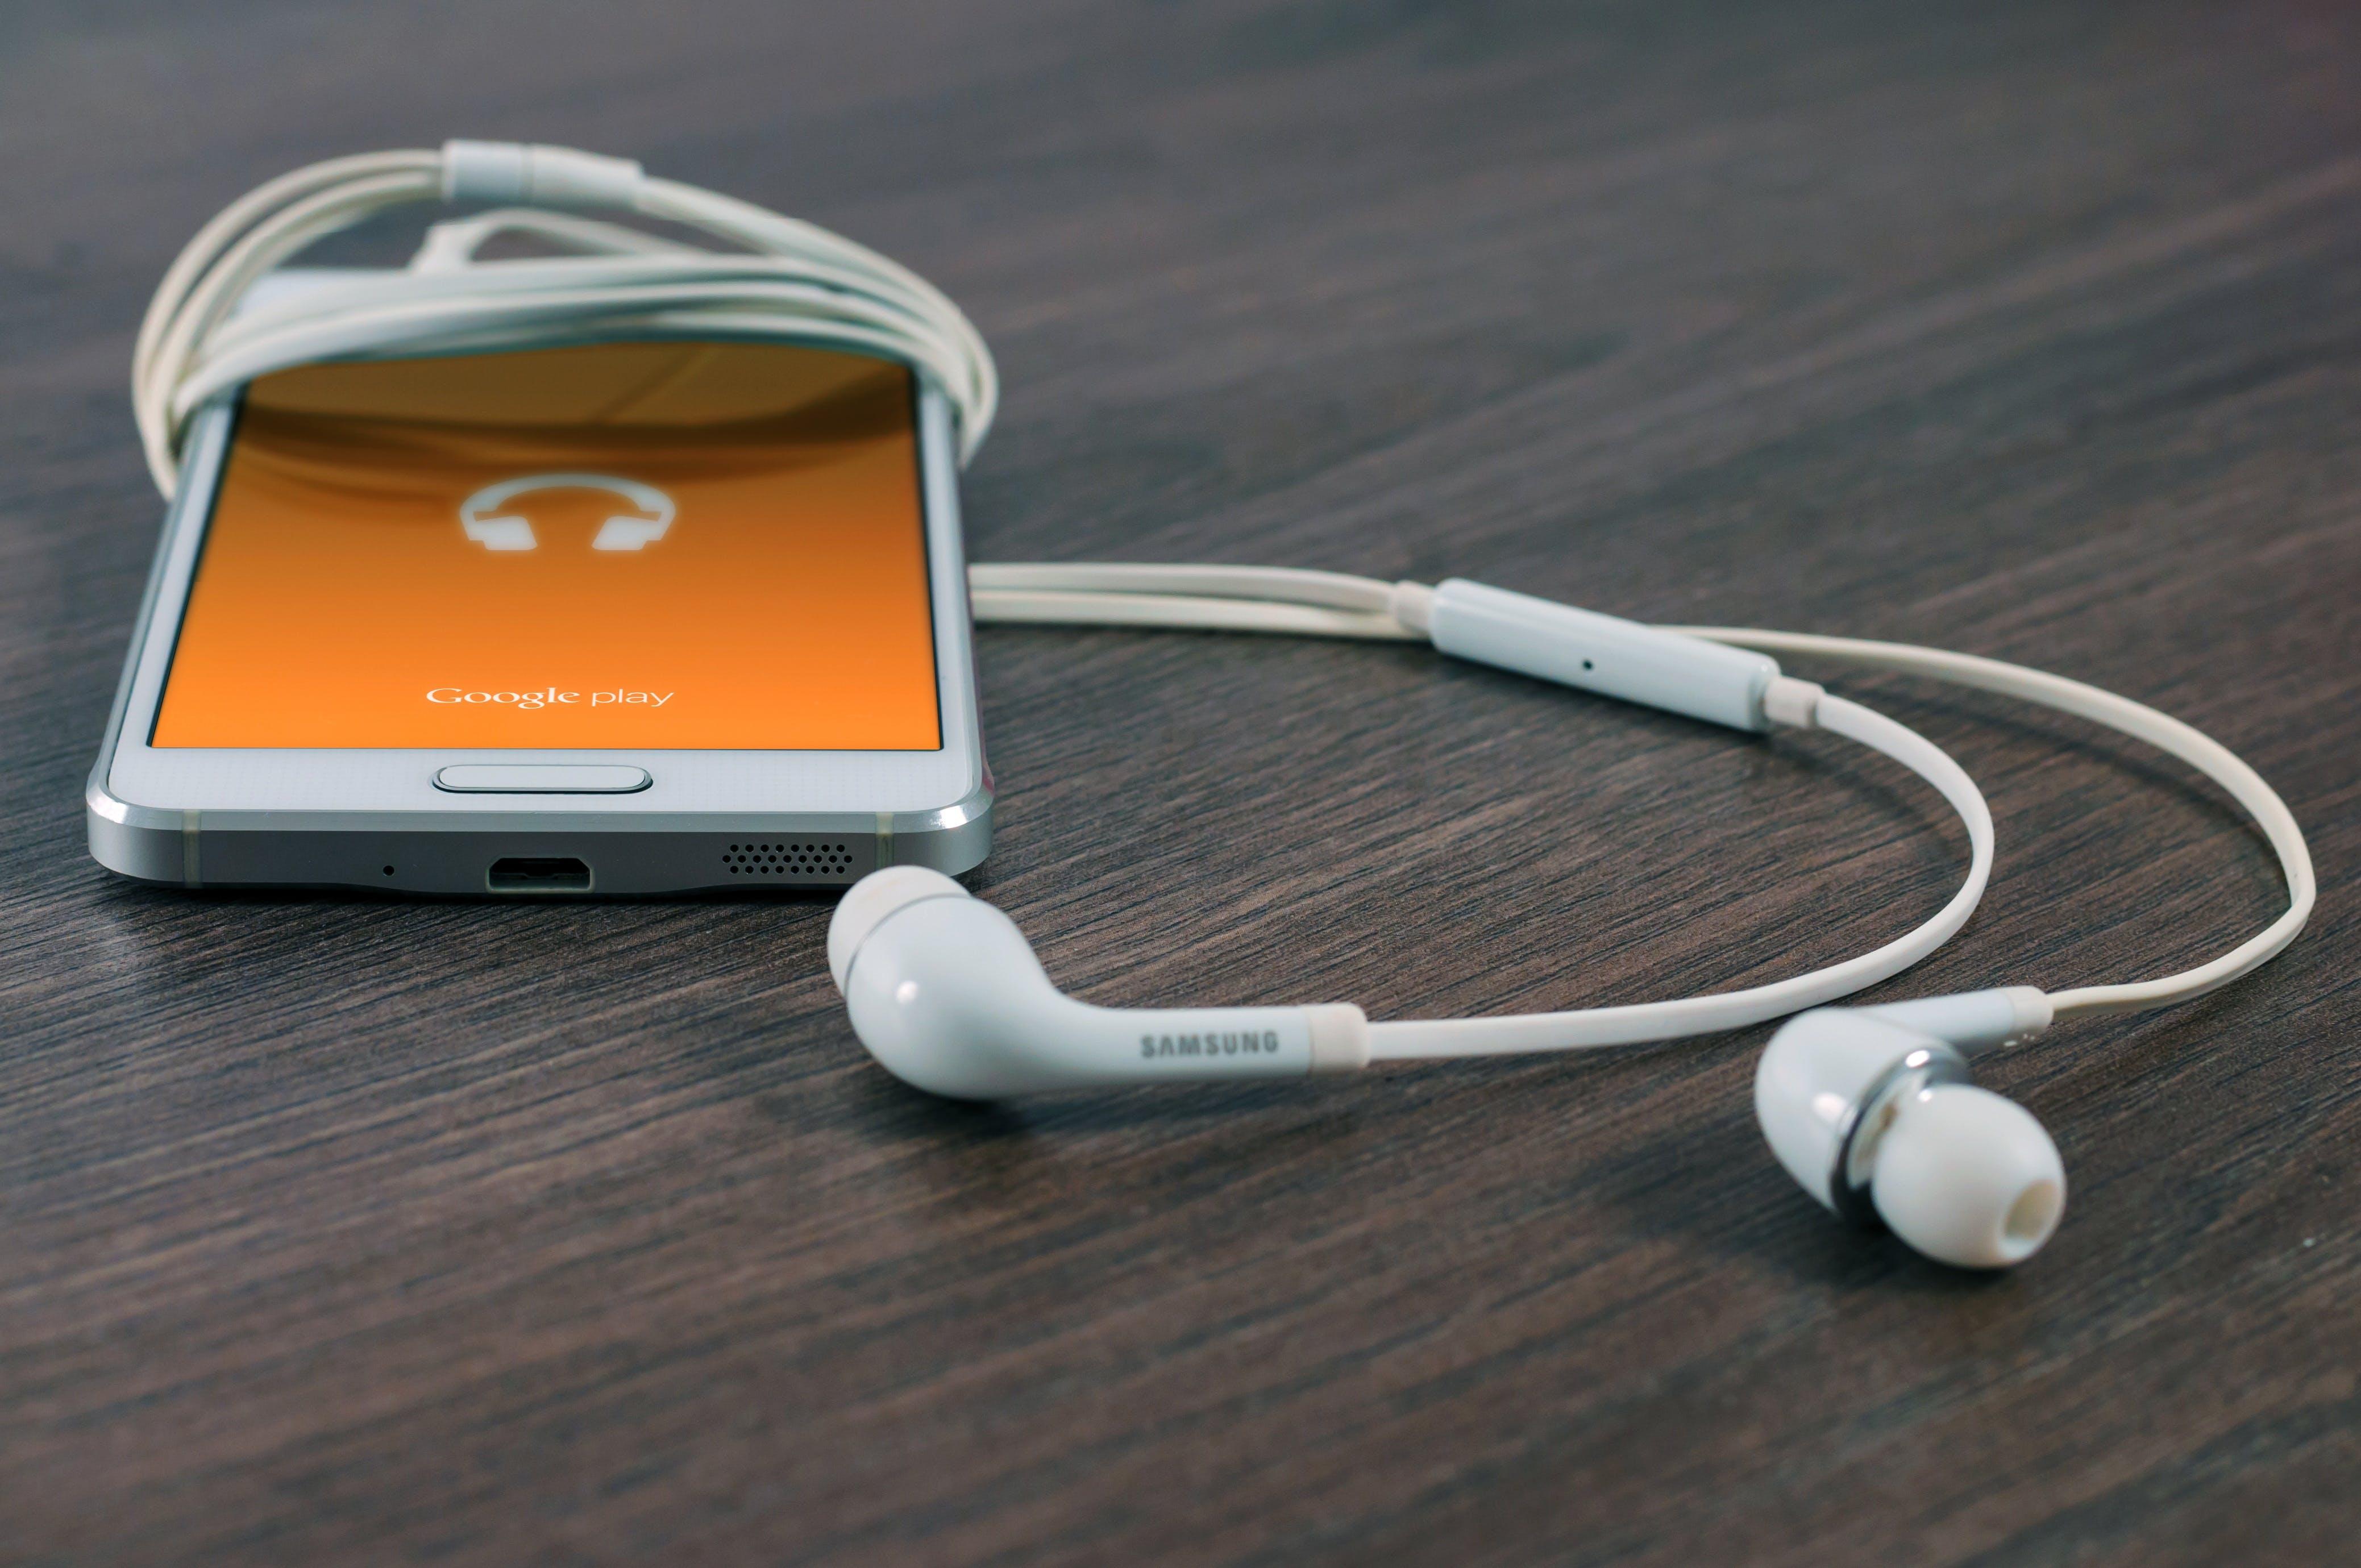 app, earbuds, earphones